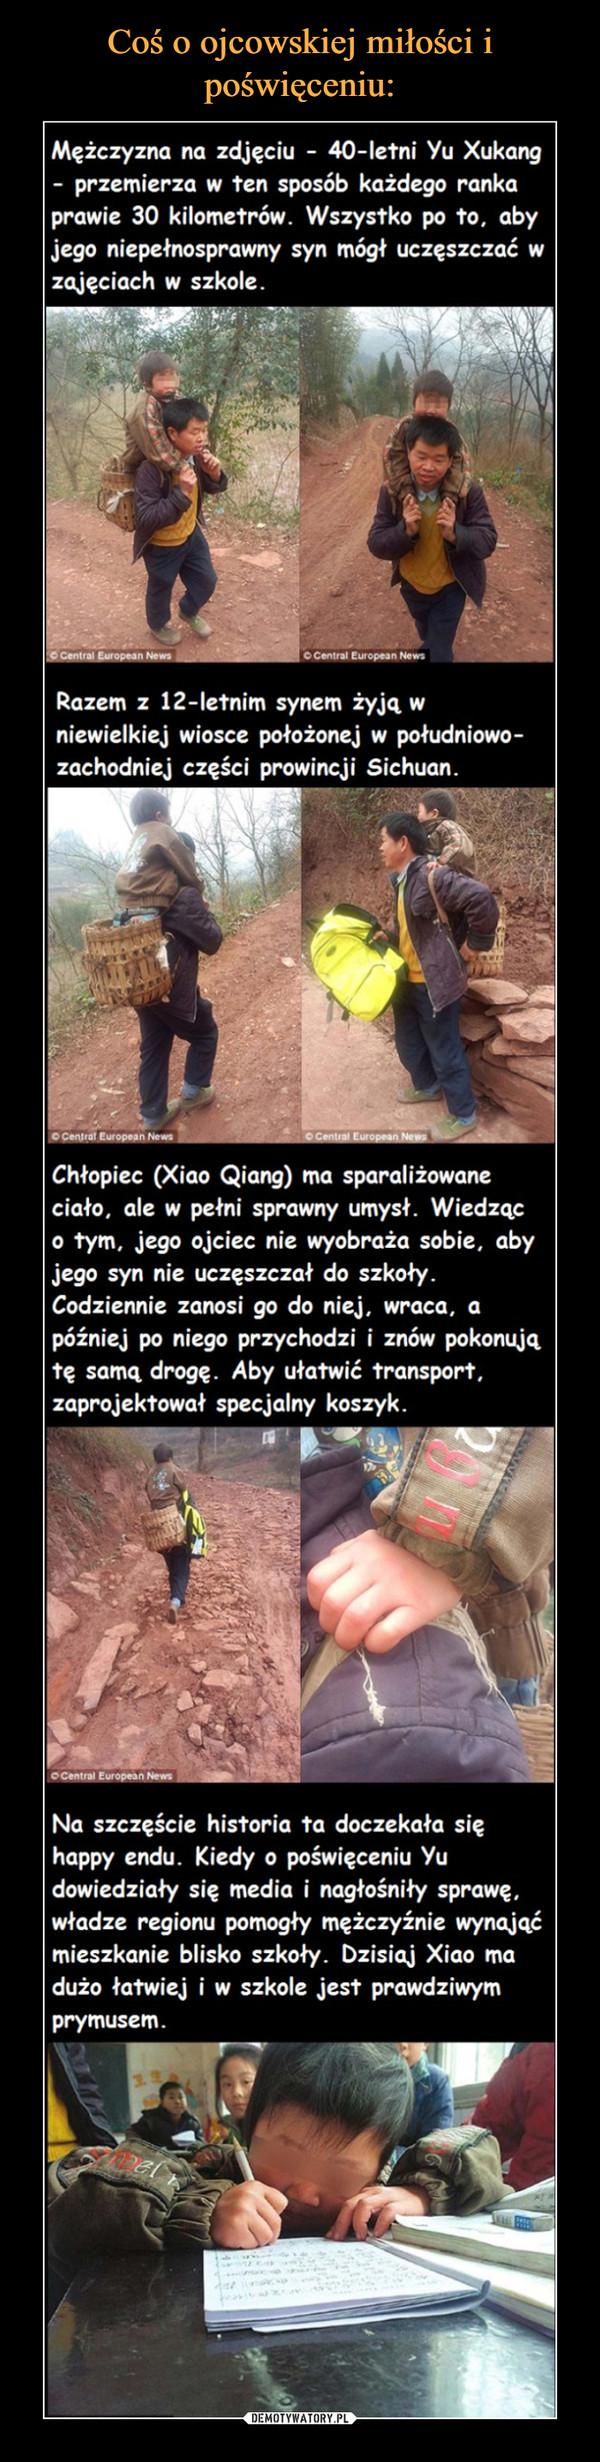 –  Mężczyzna na zdjęciu - 40-letni Yu Xukangprzemierza w ten sposób każdego rankaprawie 30 kilometrów. Wszystko po to, abyjego niepełnosprawny syn mógł uczęszczać wzajęciach w szkole.O Central European NewsRazem z 12-letnim synem zyja wniewielkiej wiosce potożonej w potudniowo-zachodniej części prowincji Sichuan.Chłopiec (Xiao Qiang) ma sparaliżowaneciało, ale w pełni sprawny umyst. Wiedząco tym, jego ojciec nie wyobraża sobie, abyjego syn nie uczęszczał do szkołyCodziennie zanosi go do niej, wraca, apóźniej po niego przychodzi i znów pokonujate sama droge. Aby utatwić transportzaprojektowat specjalny koszyk.Na szczęście historia ta doczekała sięhappy endu. Kiedy o poświęceniu Yudowiedziaty się media i nagłośnity sprawę.władze regionu pomogty meżczyźnie wynająćmieszkanie blisko szkoty. Dzisiaj Xiao madużo tatwiej i w szkole jest prawdziwymprymusem